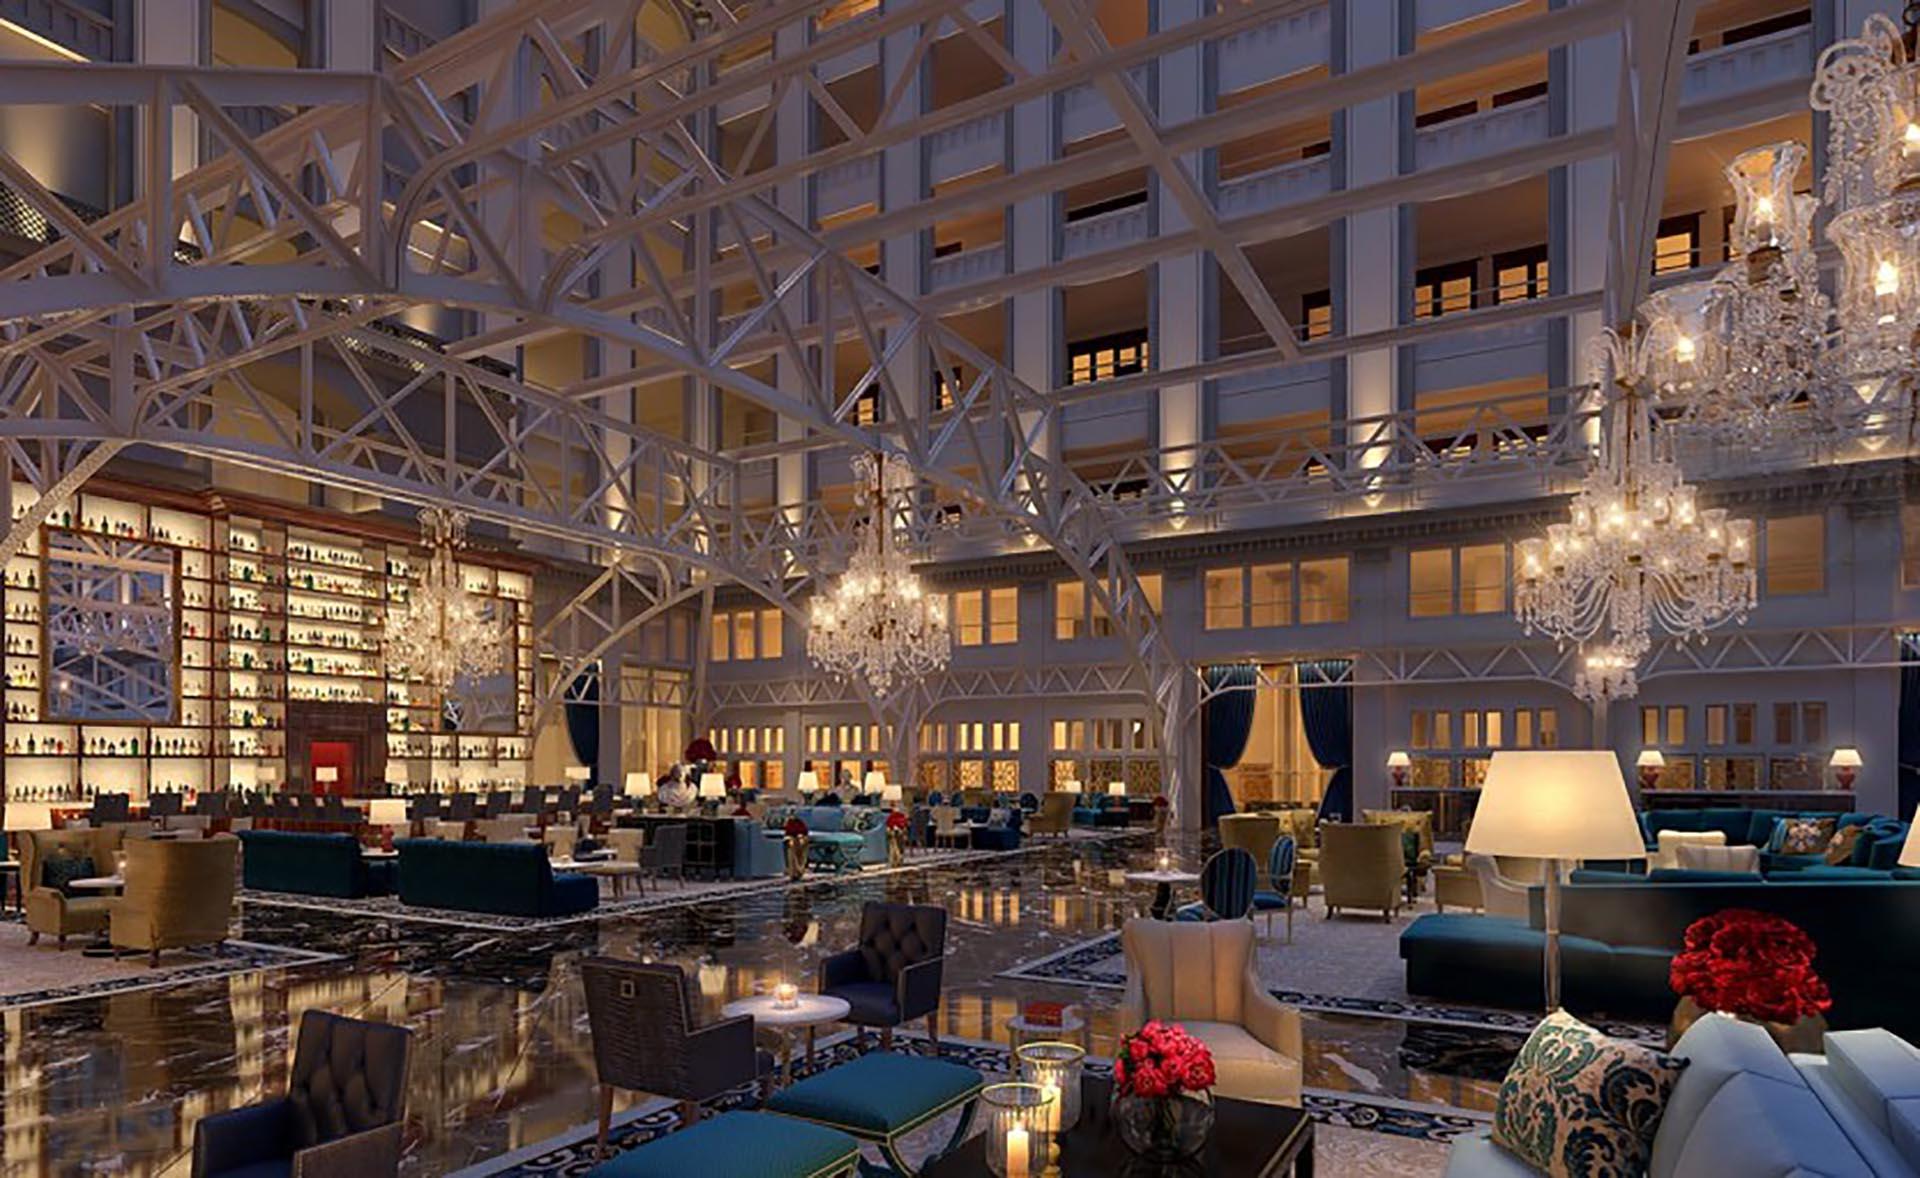 The Grand Lobby. Con este espacio se encuentra uno al arribar al nuevo hotel de Donald Trump en la capital de los Estados Unidos